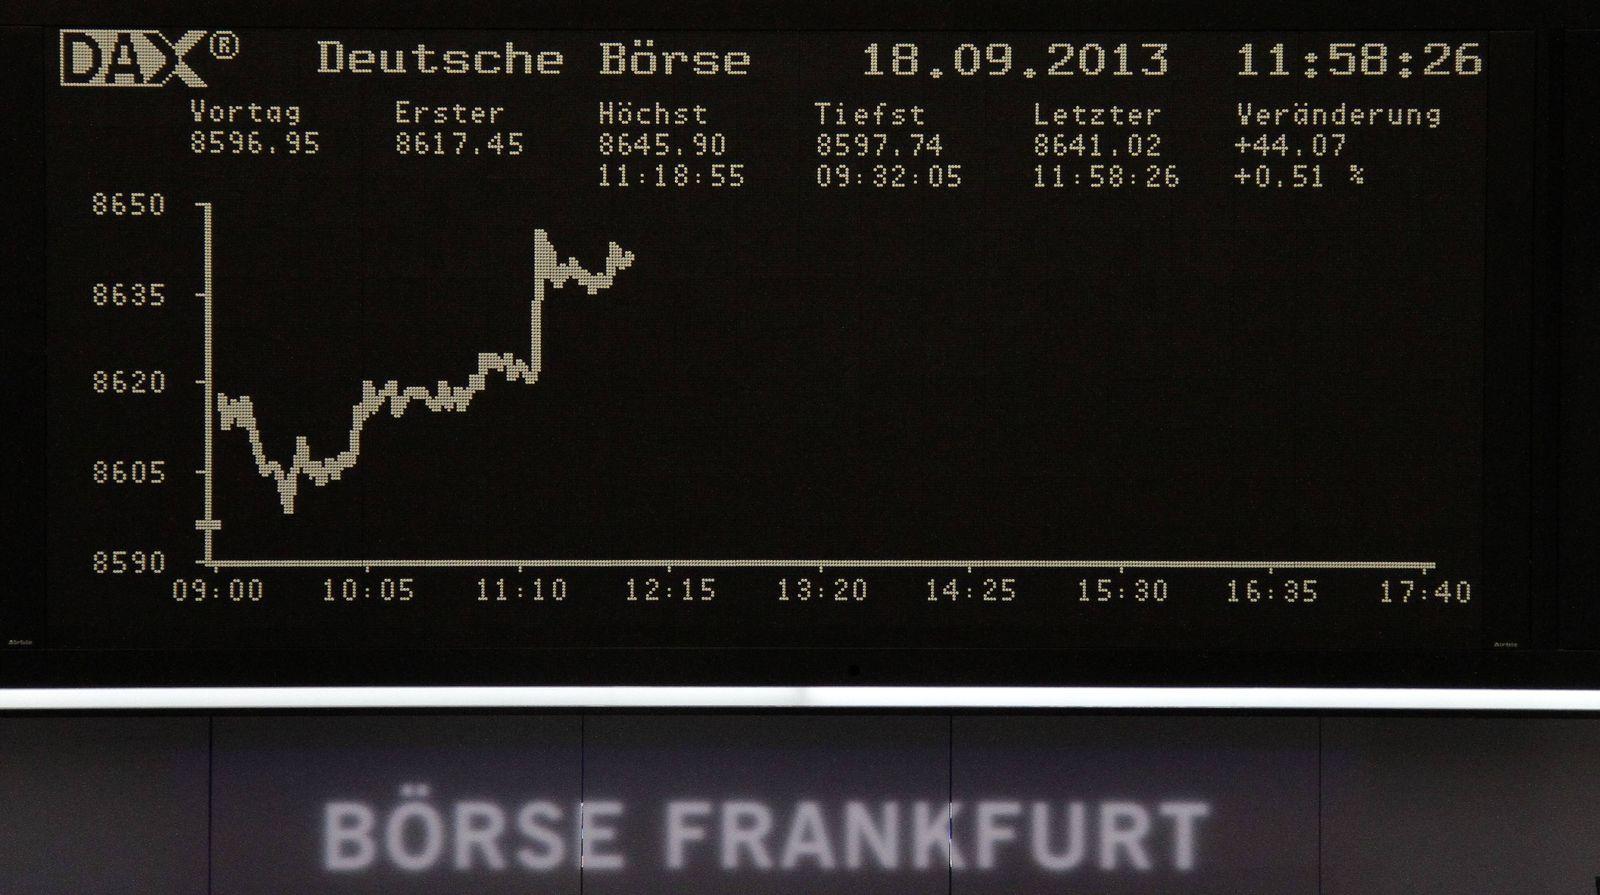 DAX / Börse Frankfurt /